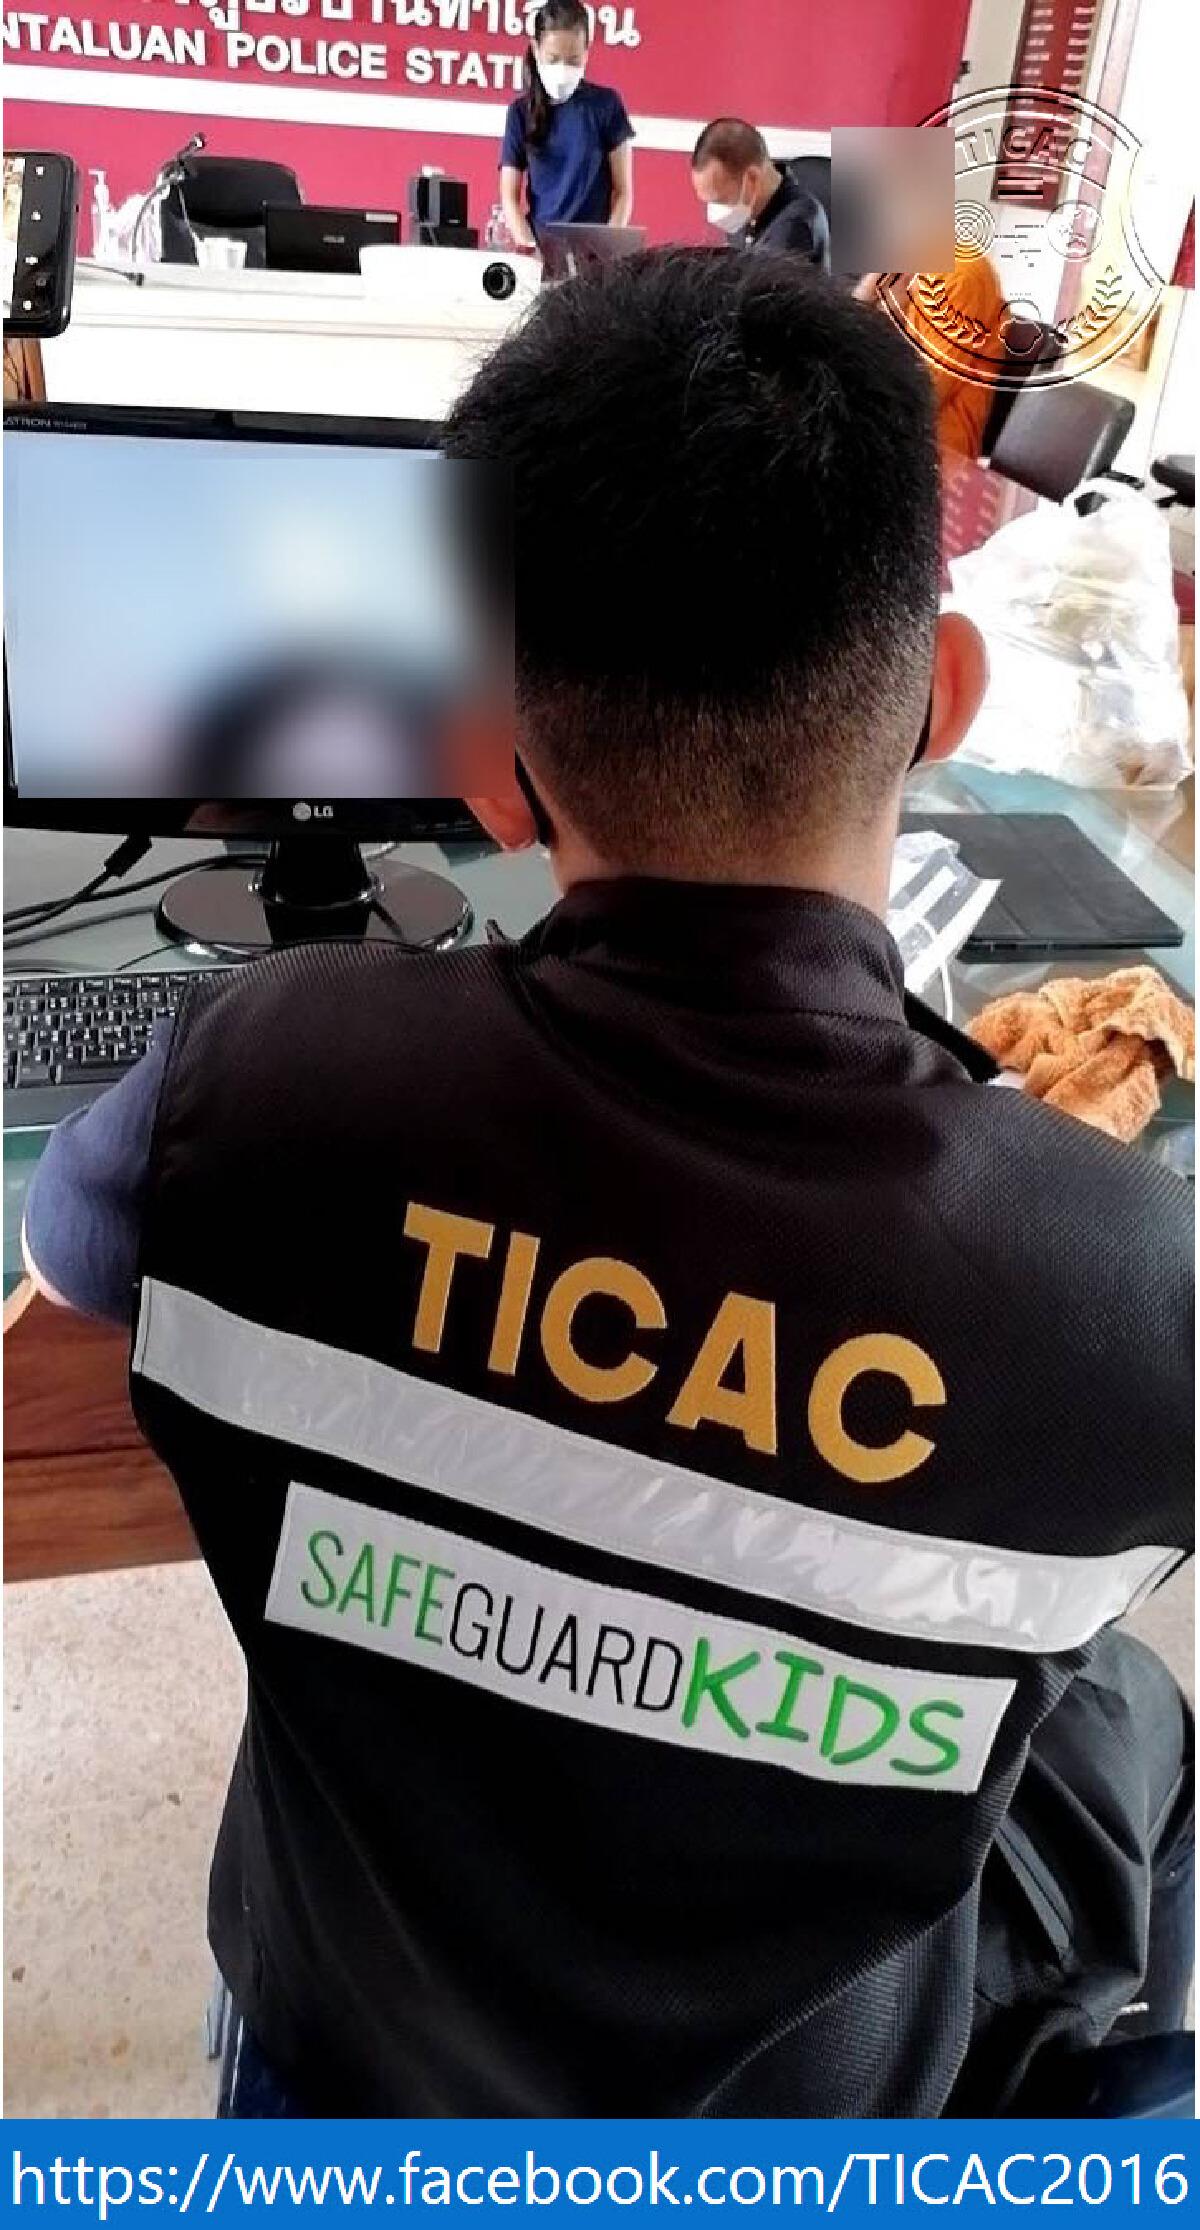 """ตร.TICAC จับพระปลอมไลน์อ้างเป็น """"โมเดลลิ่ง"""" หลอกสาว """"ถ่ายรูปโป๊เปลือย"""""""